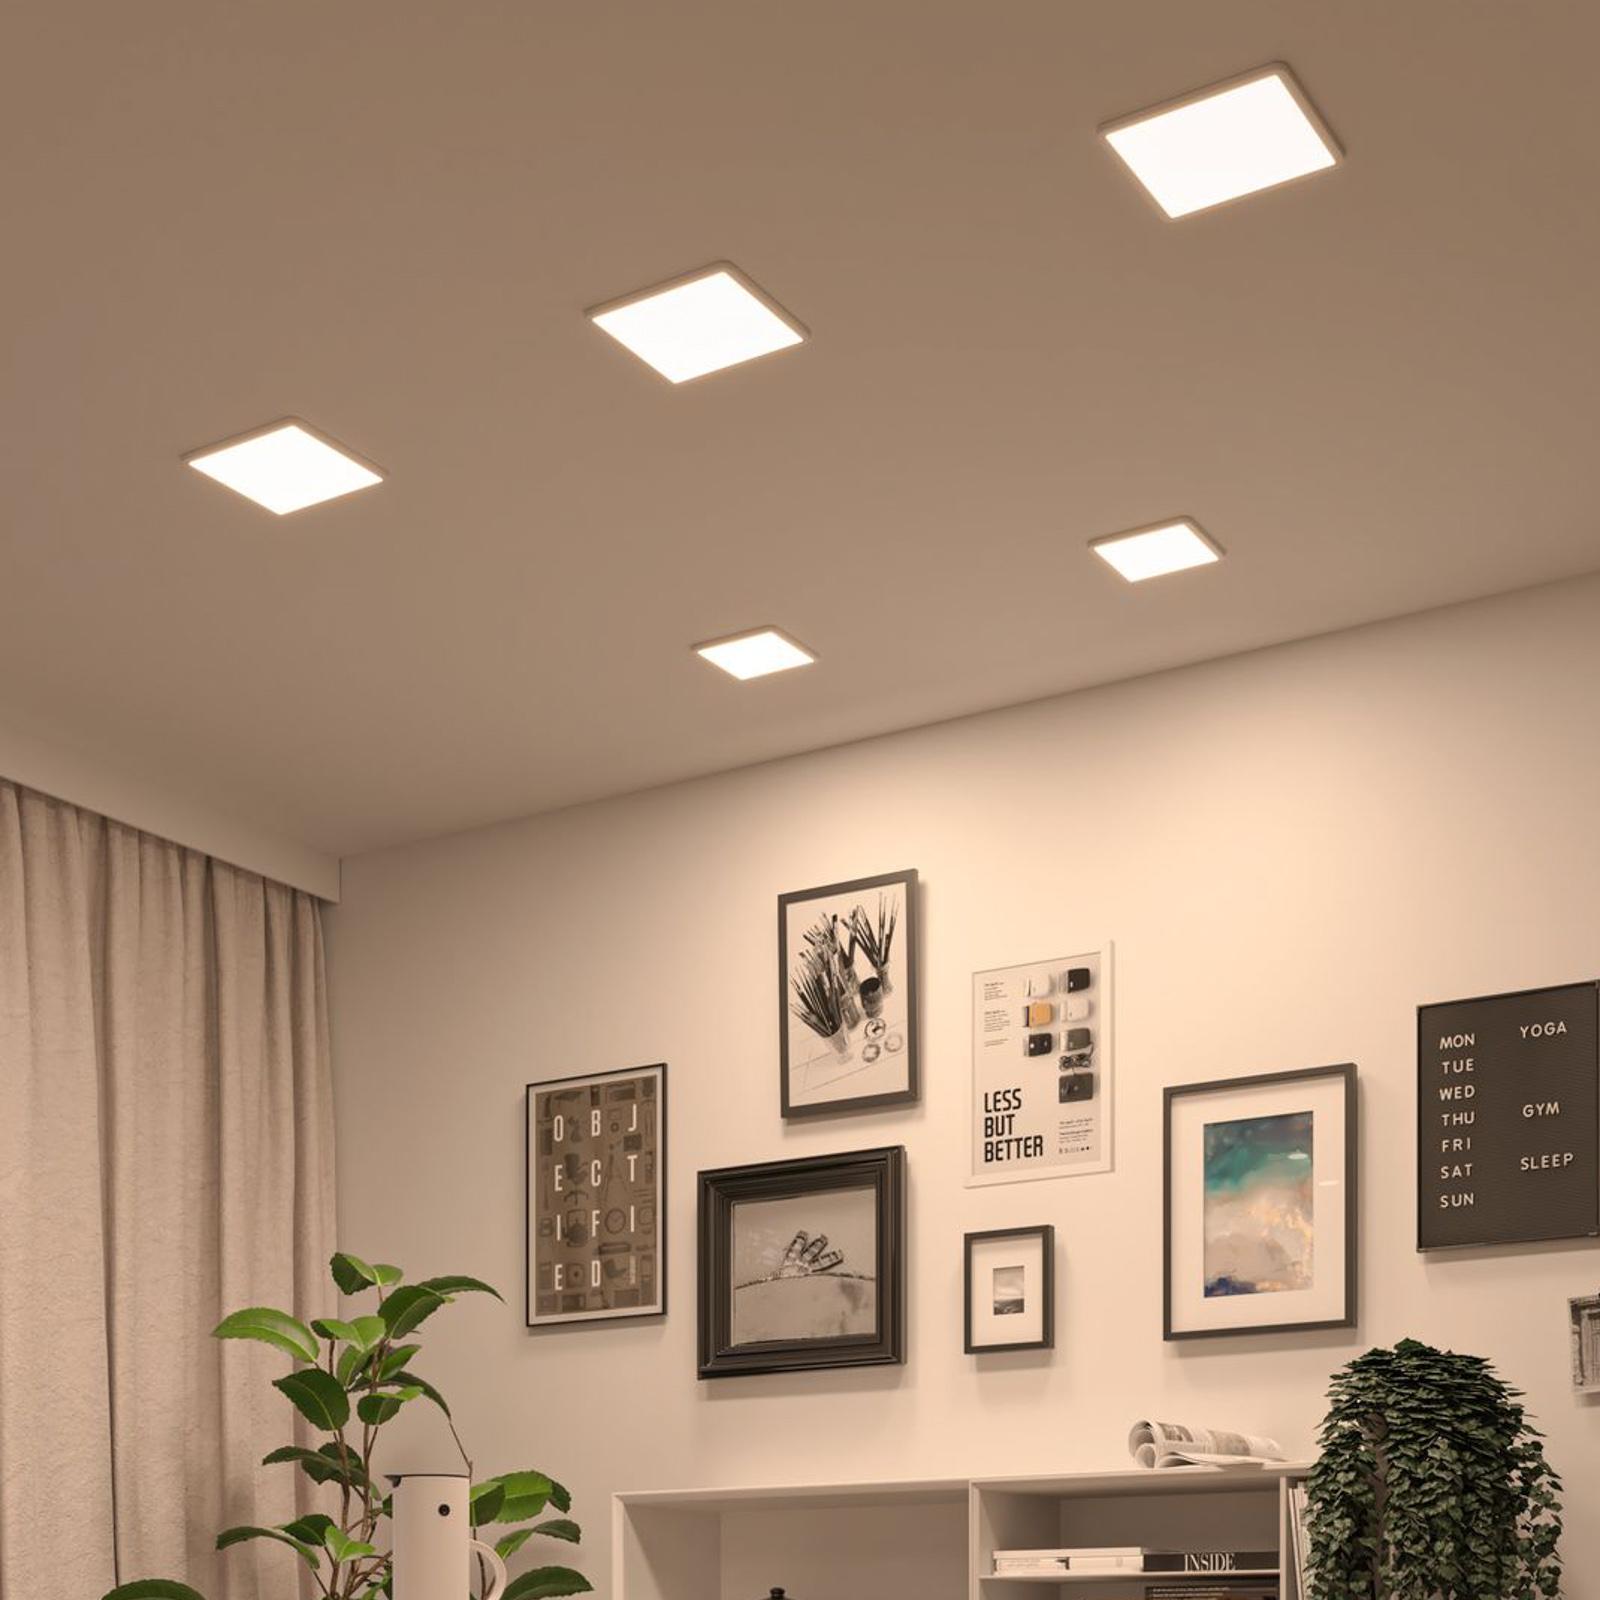 Paulmann LED-Panel Areo dimtowarm eckig weiß 23cm